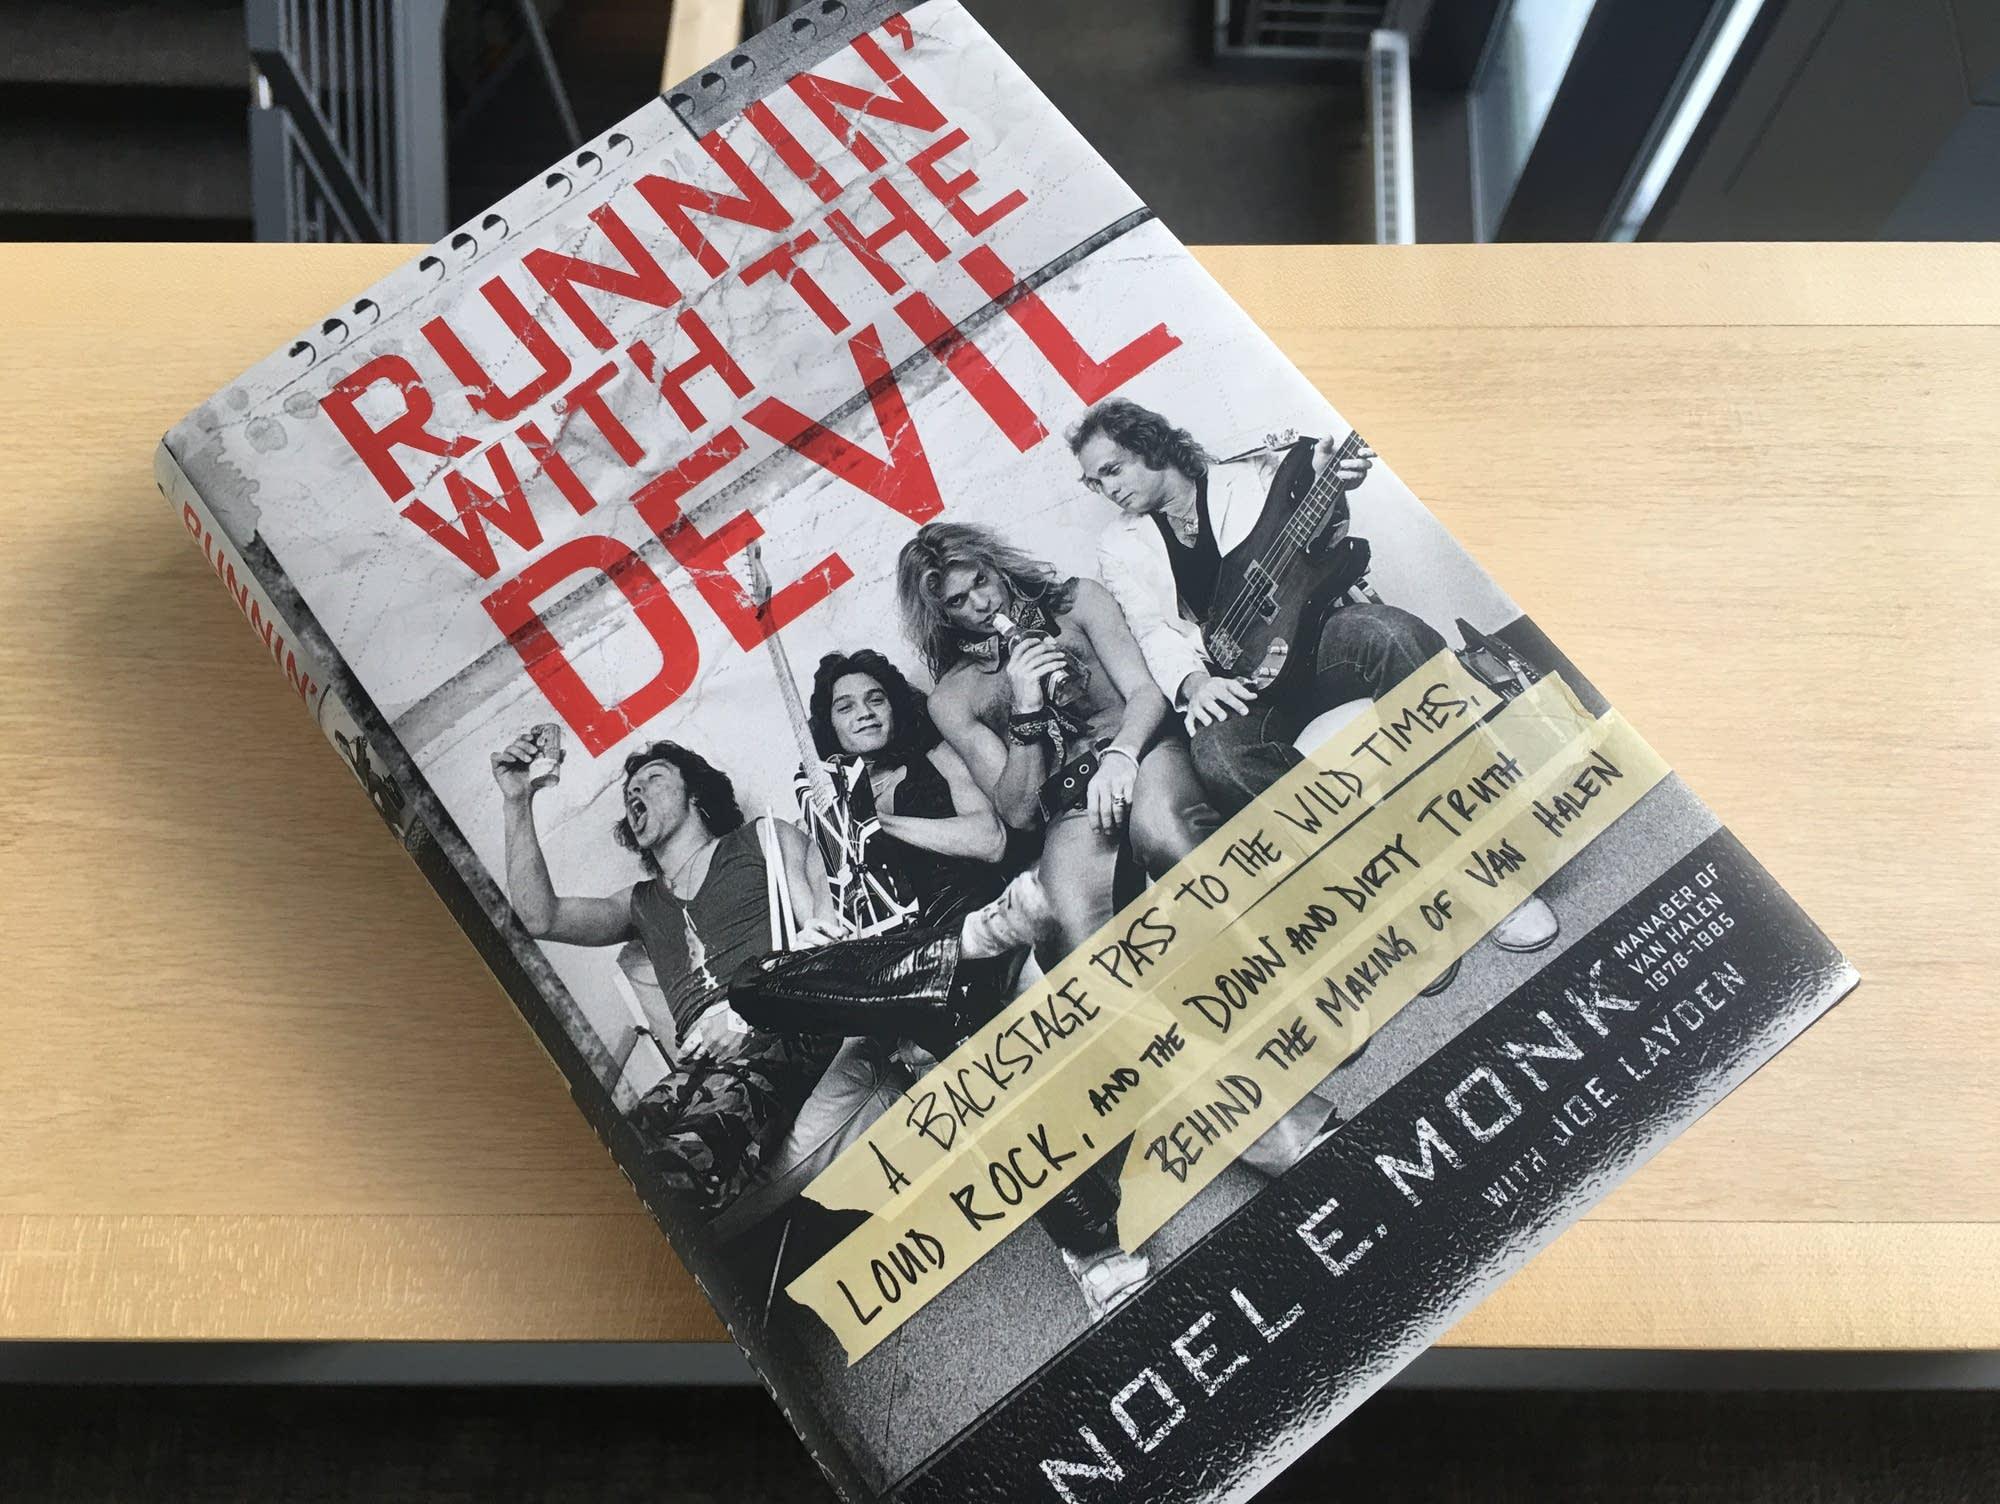 Noel E. Monk's 'Runnin' with the Devil.'